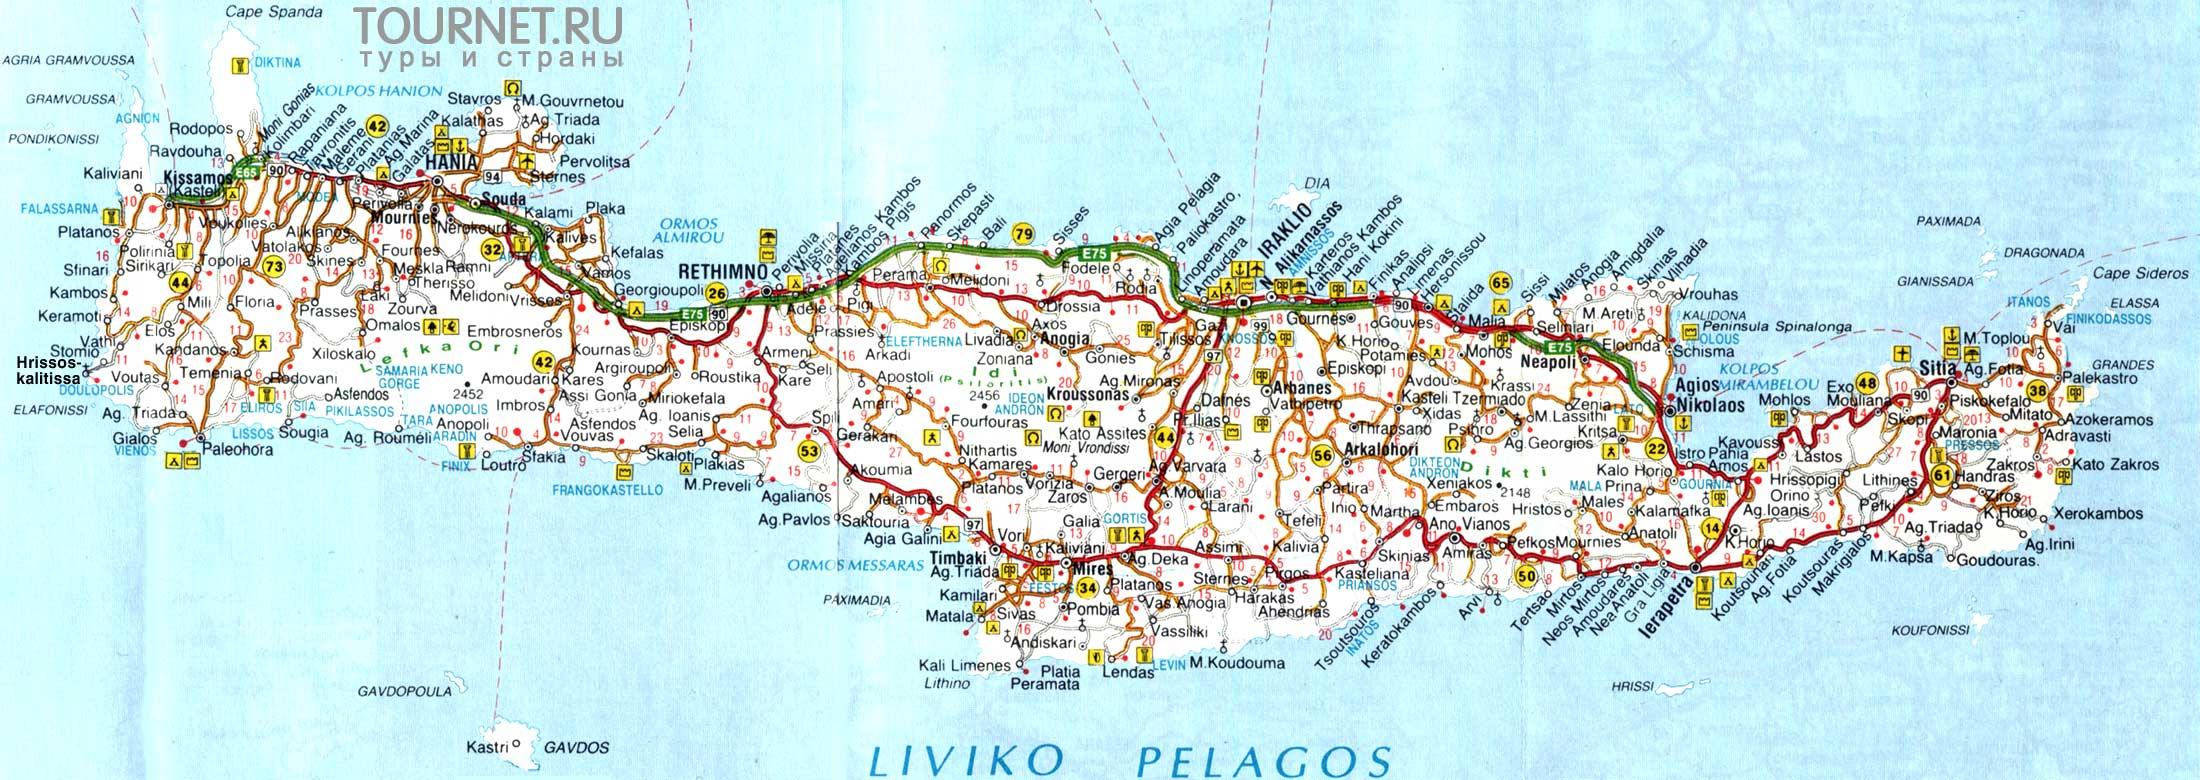 Karta Ostrova Krit